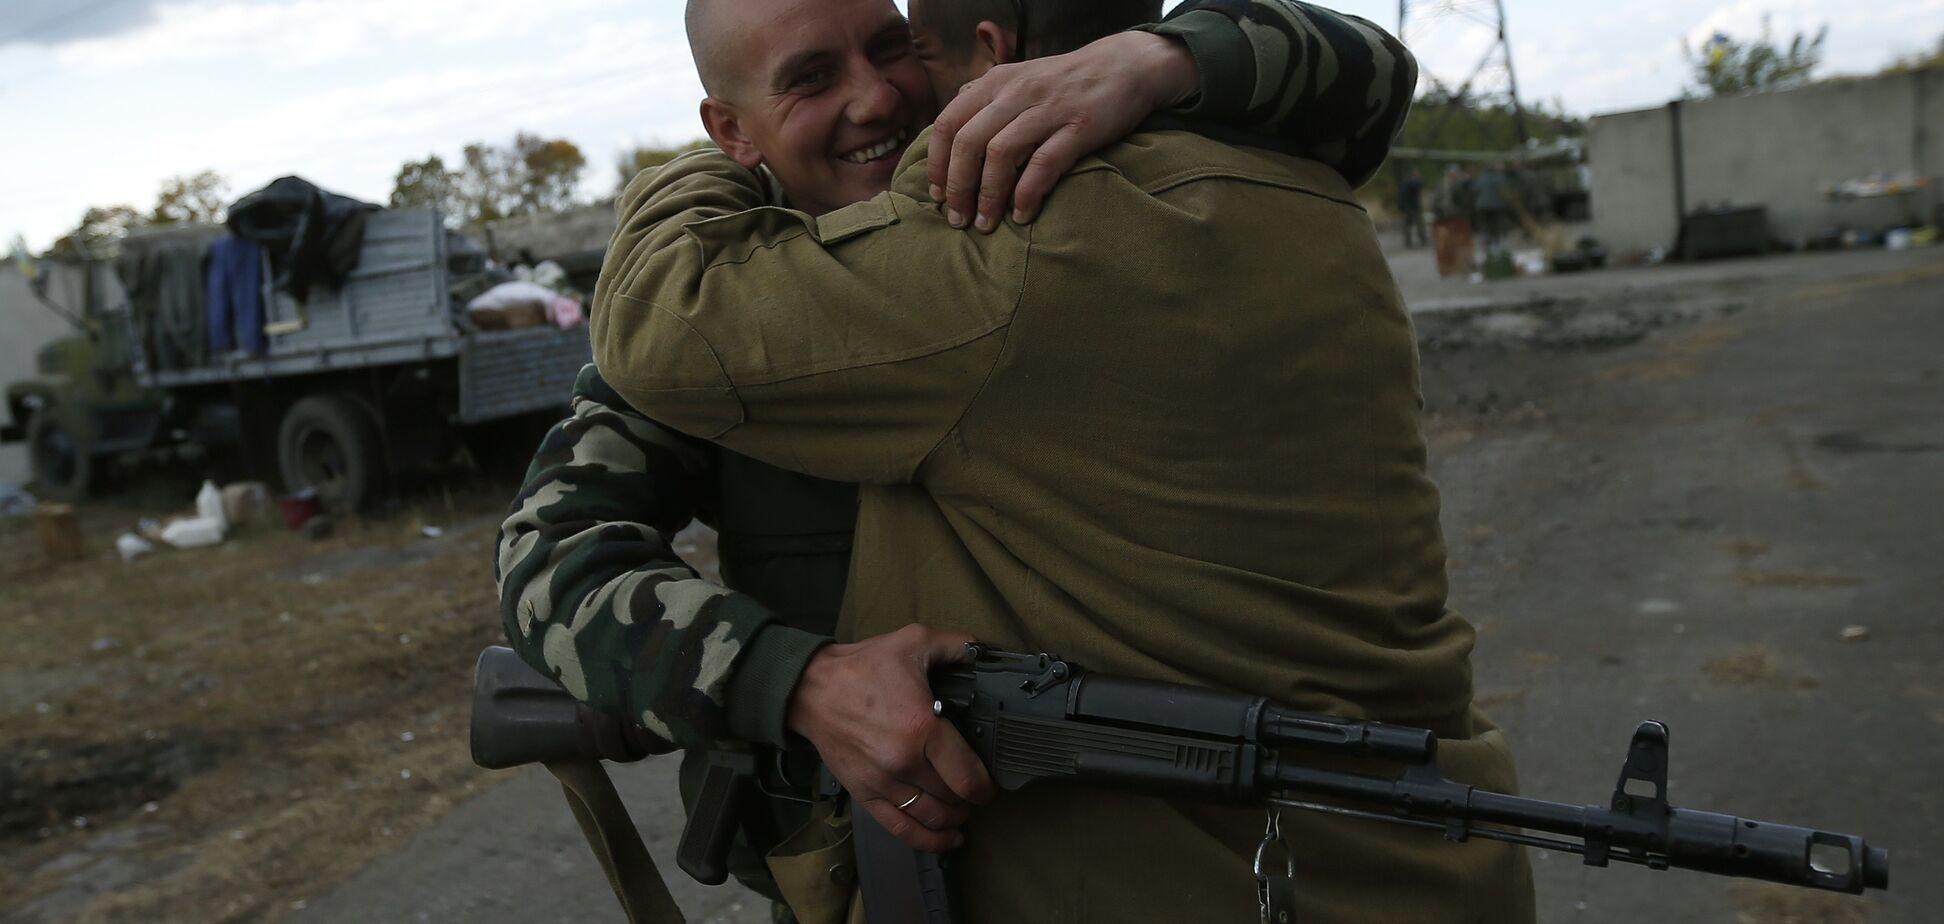 Обмен пленными: генерал заявил, что Кремль оставил рычаг давления на Украину